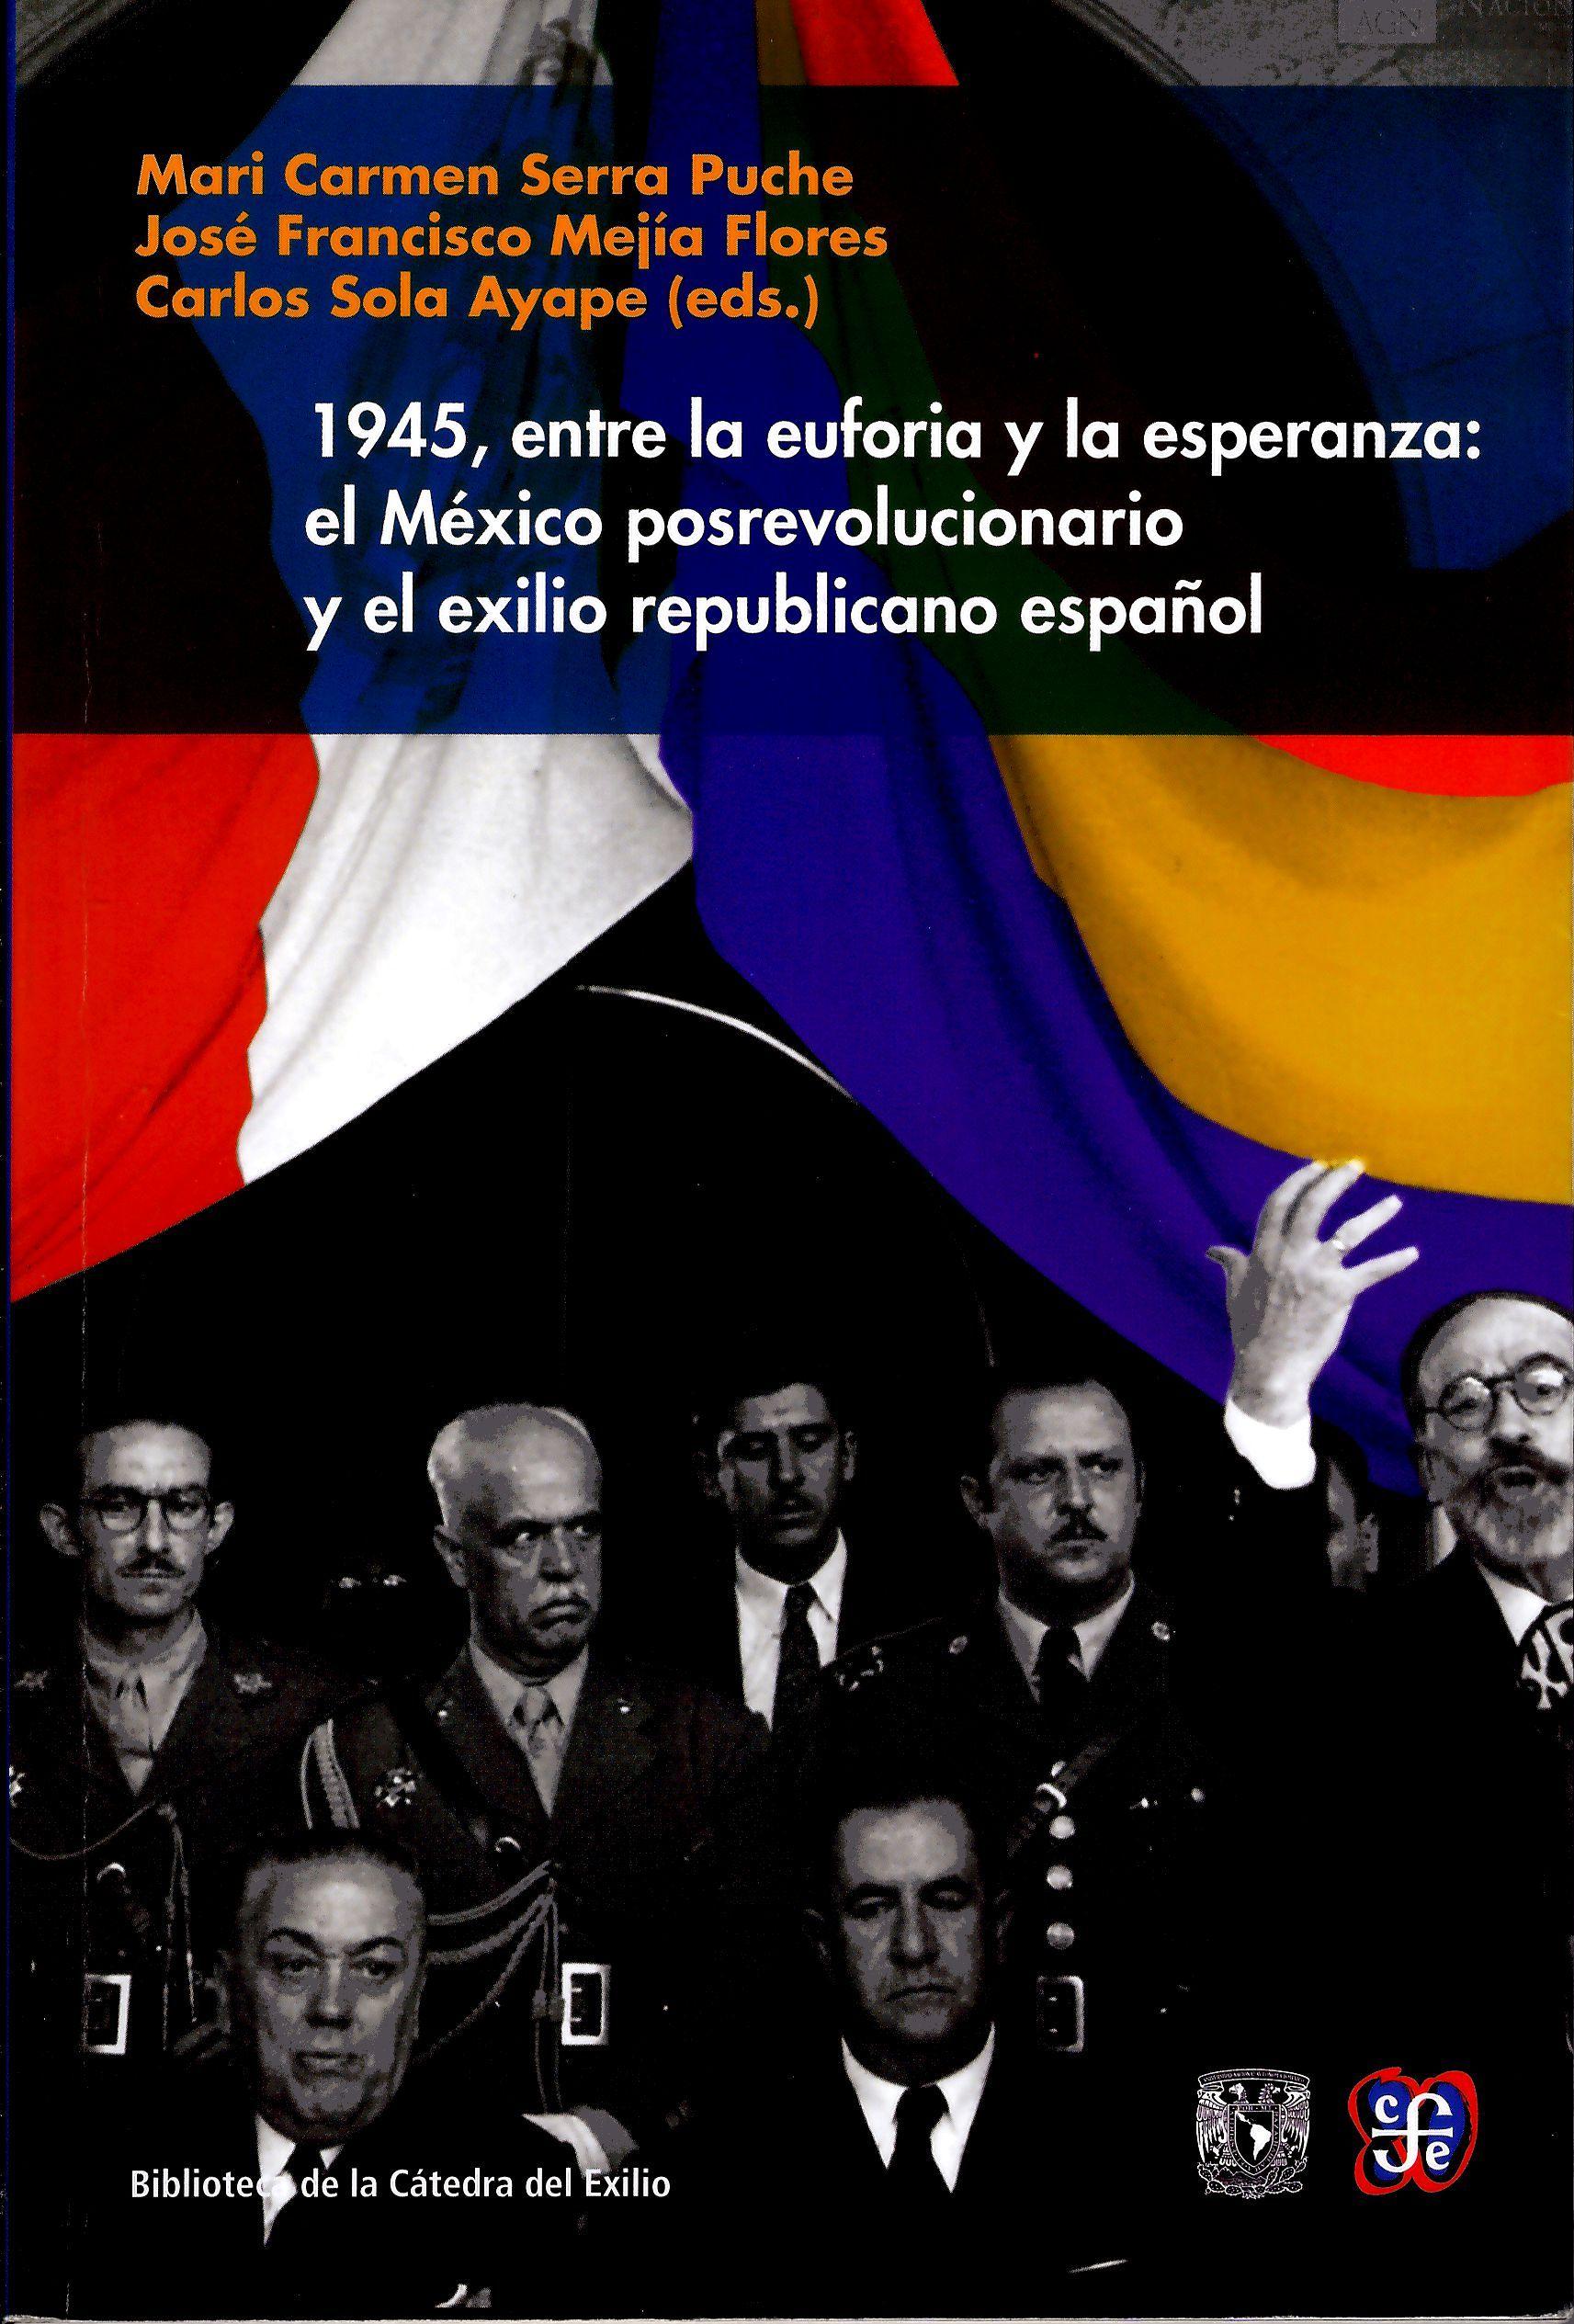 1945, entre la euforia y la esperanza. El México posrevolucionario y el exilio republicano español